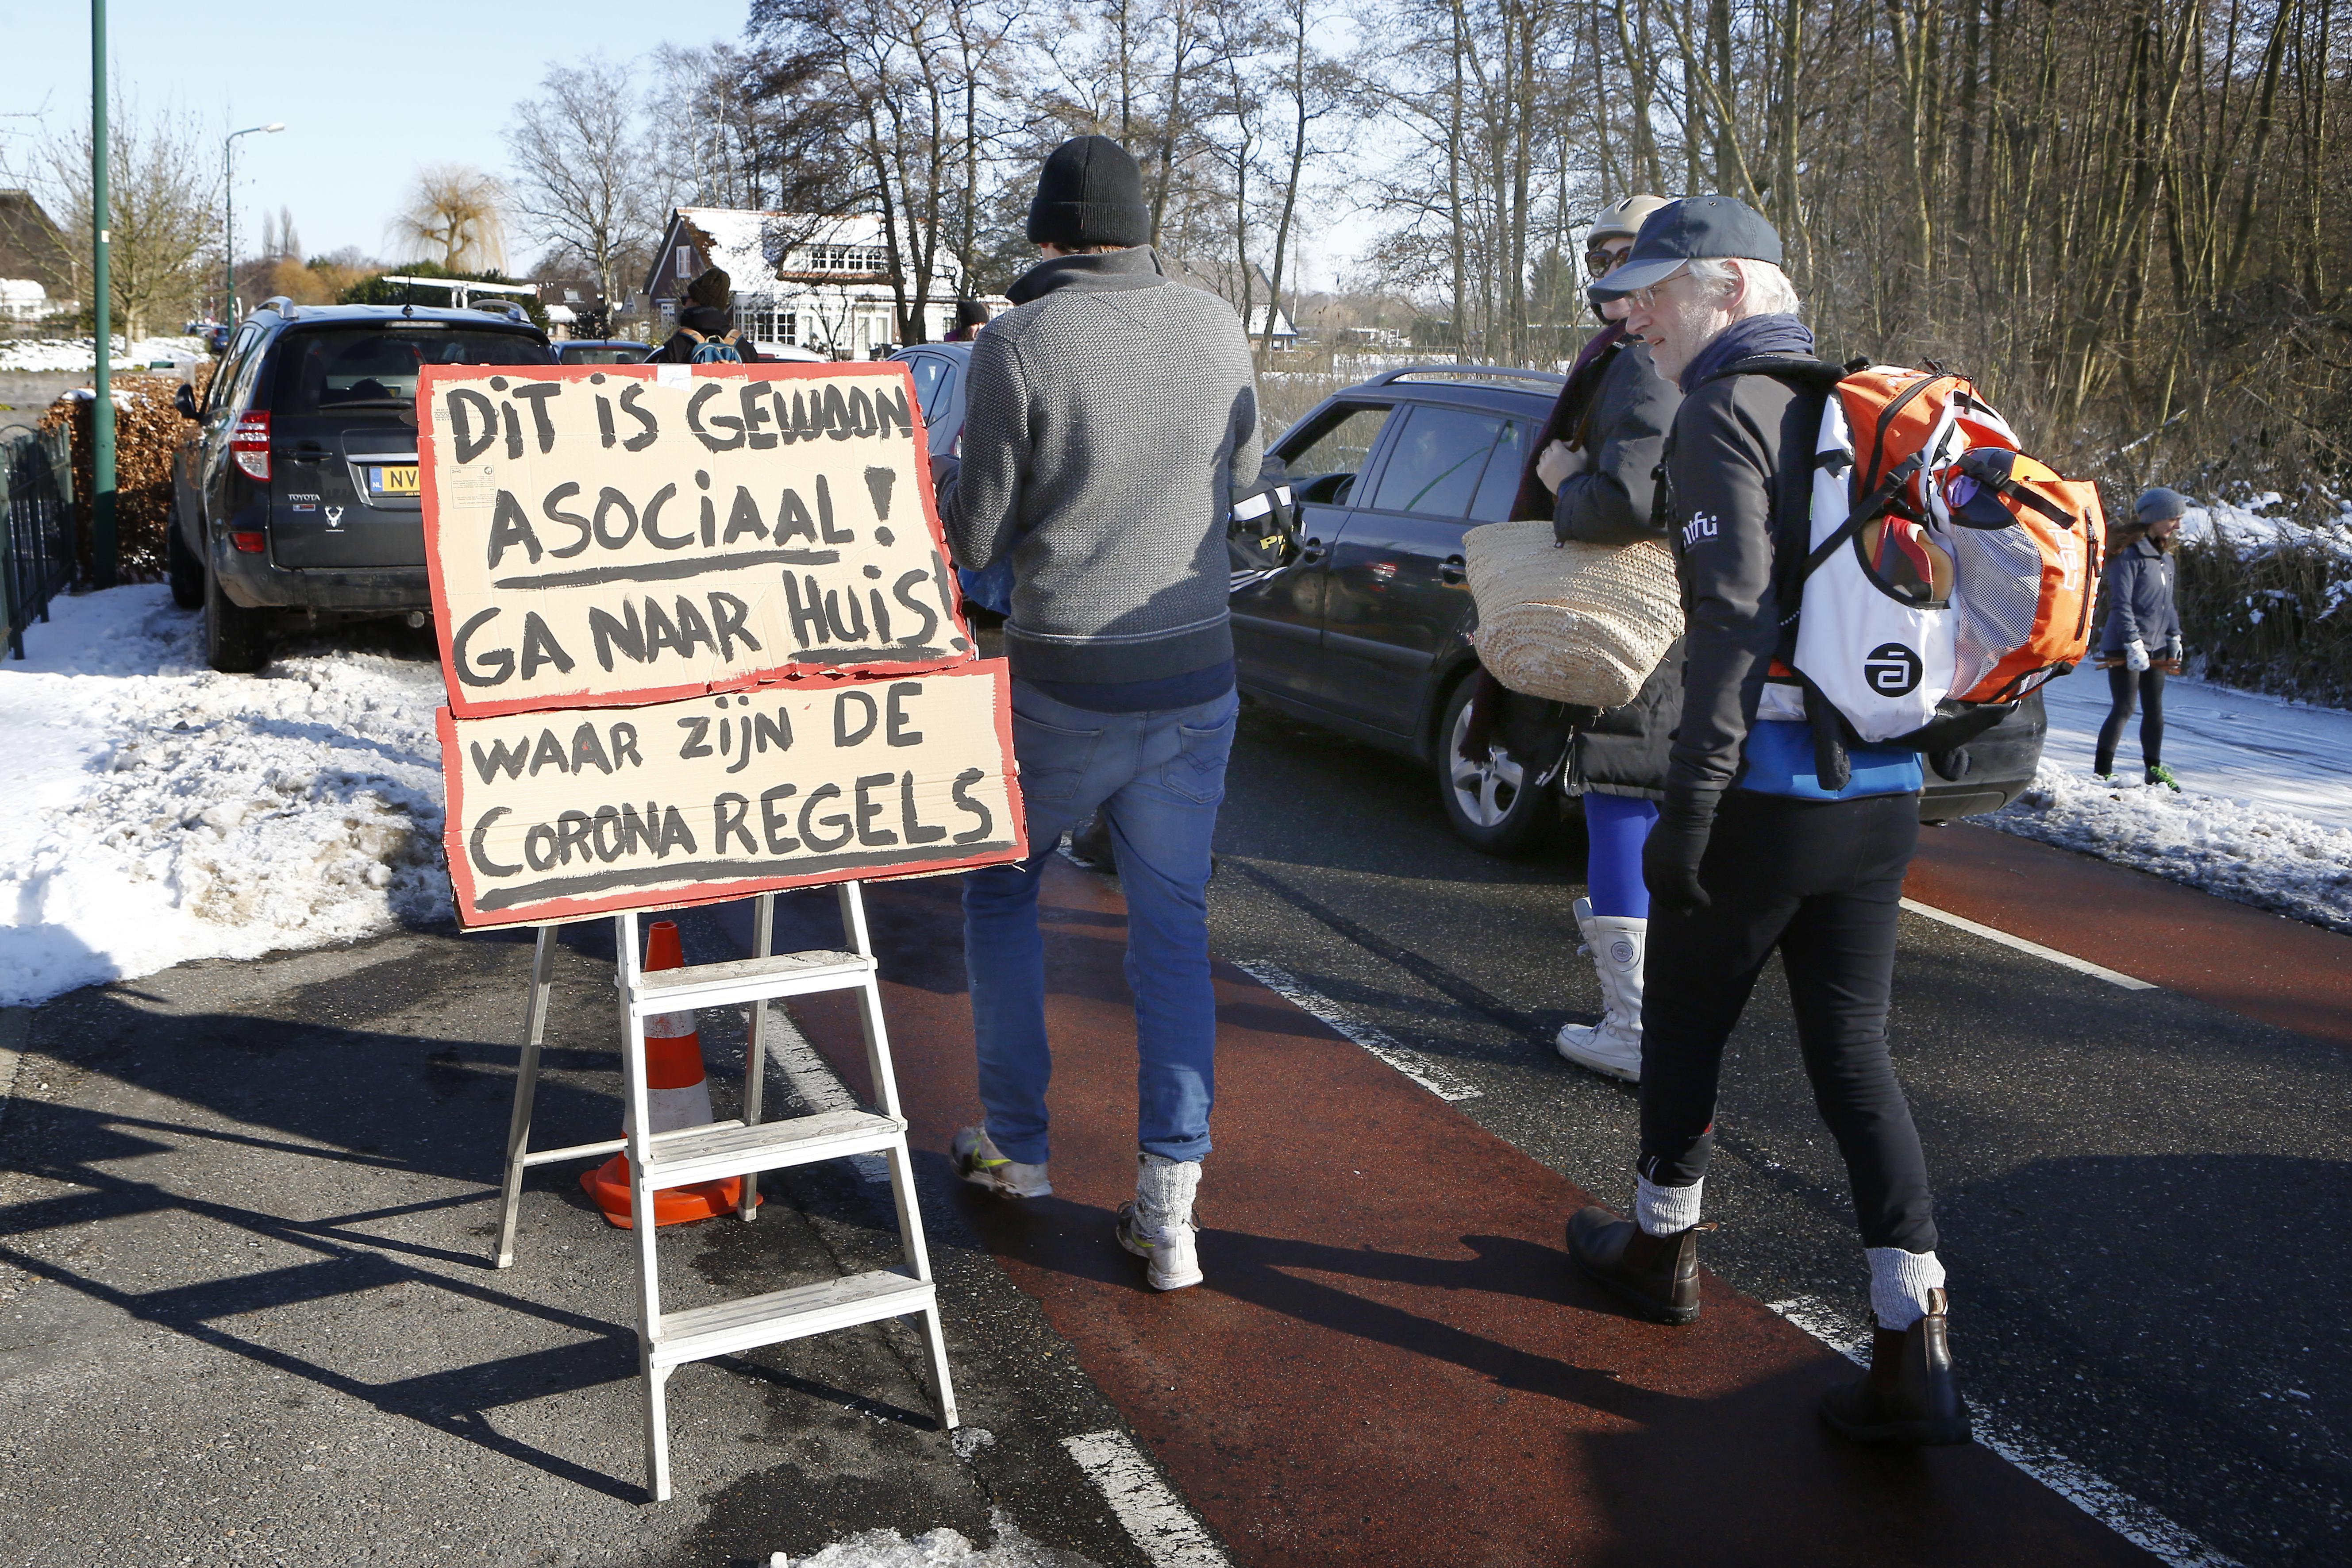 'Kom niet naar Loosdrecht om te schaatsen! Het is te druk', meldt brandweer Gooi en Vechtsteek, ook namens ijsmeesters en gemeente Wijdemeren